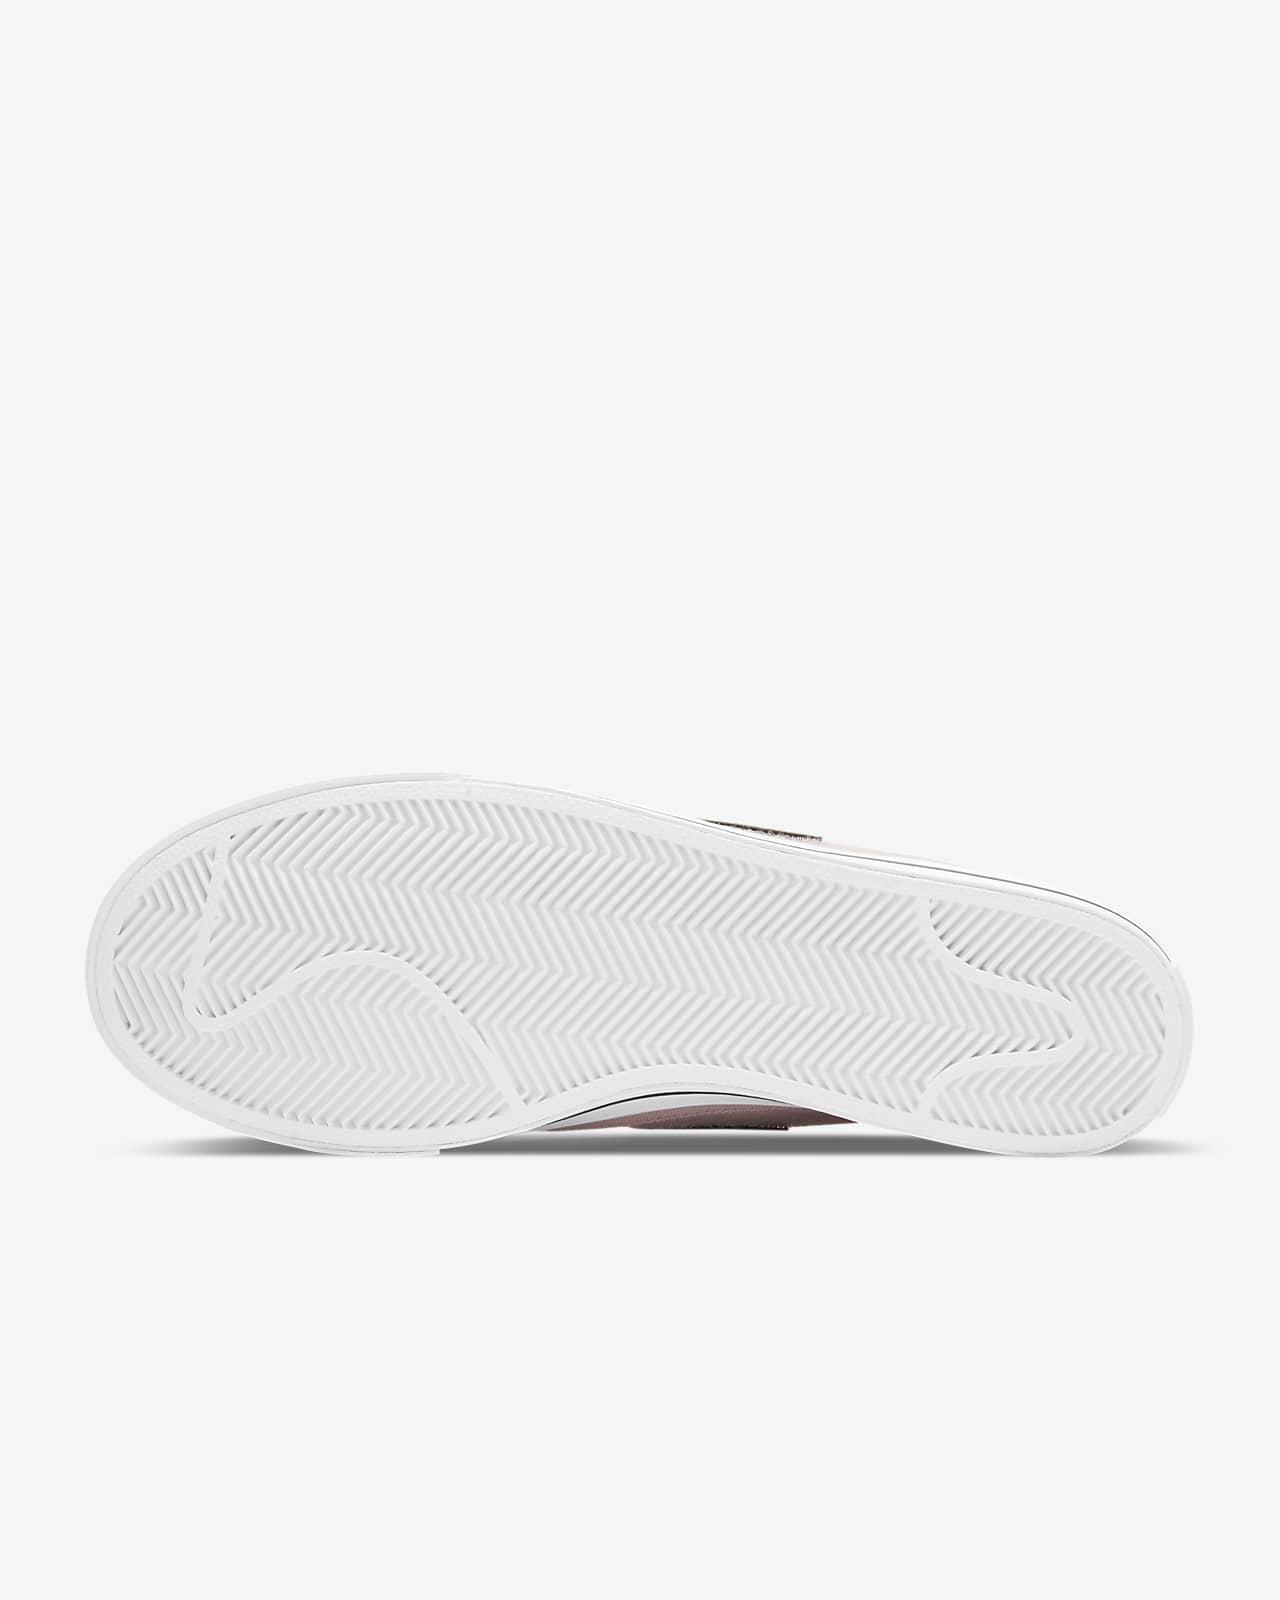 รองเท้าผู้หญิง Nike Court Legacy Valentine's Day